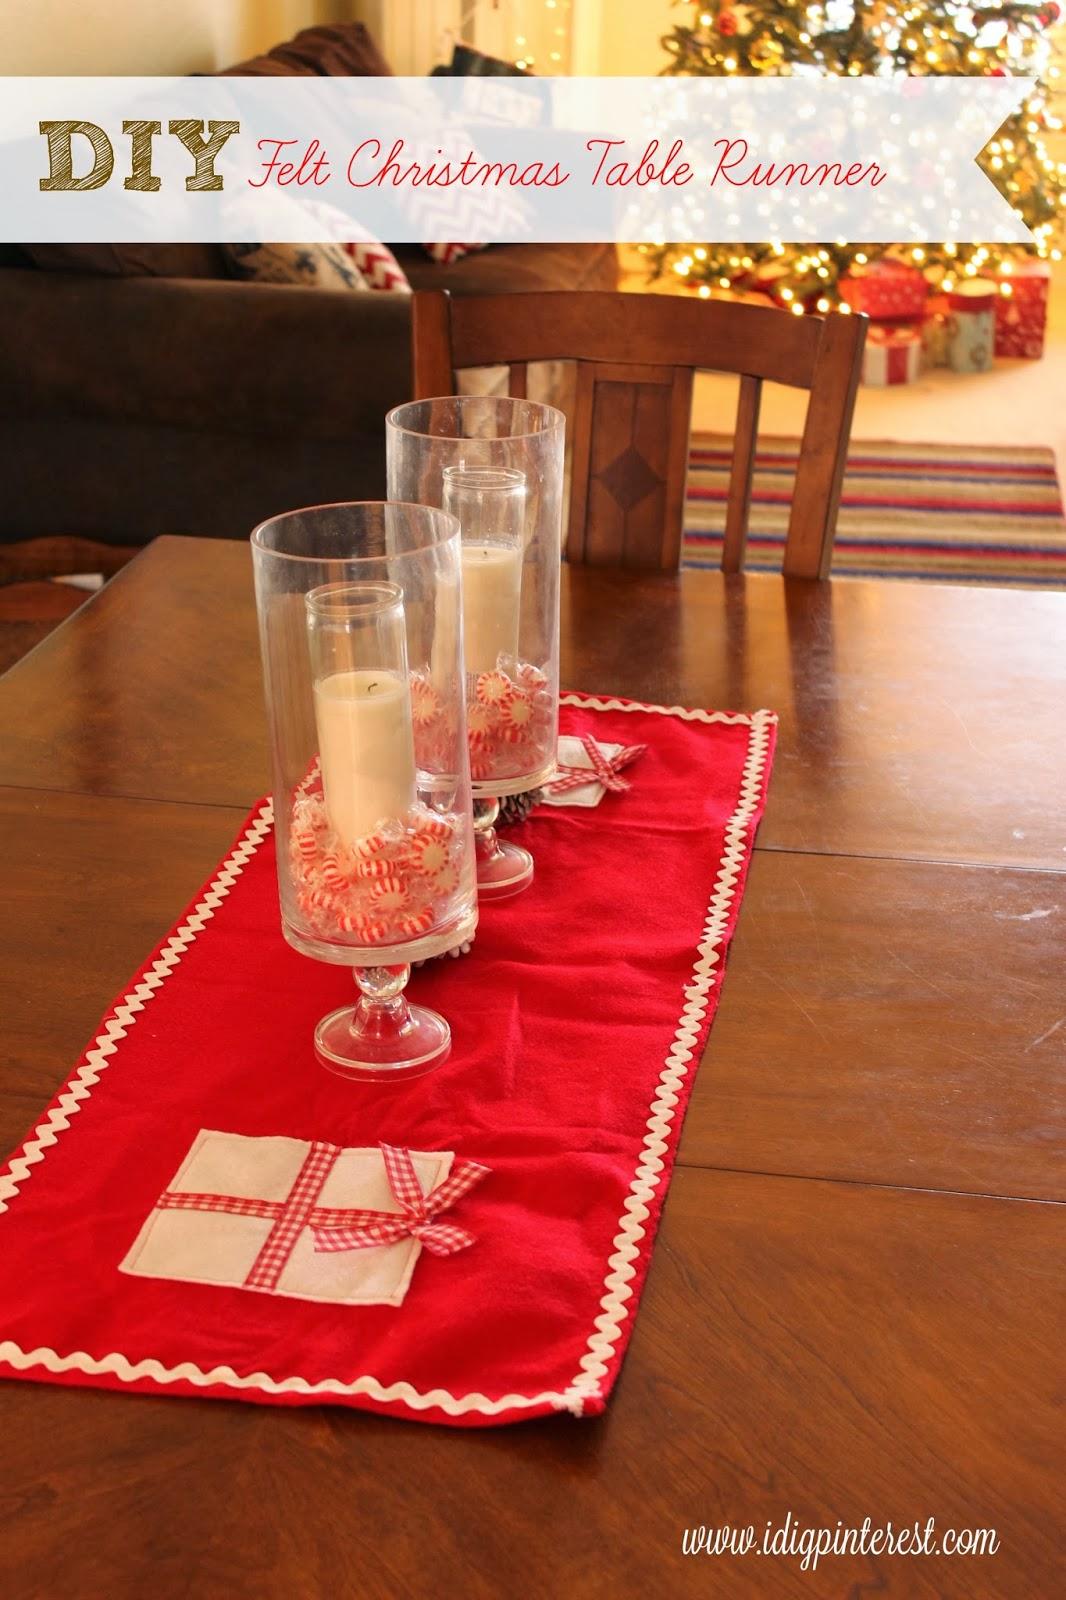 DIY Felt Christmas Table Runner